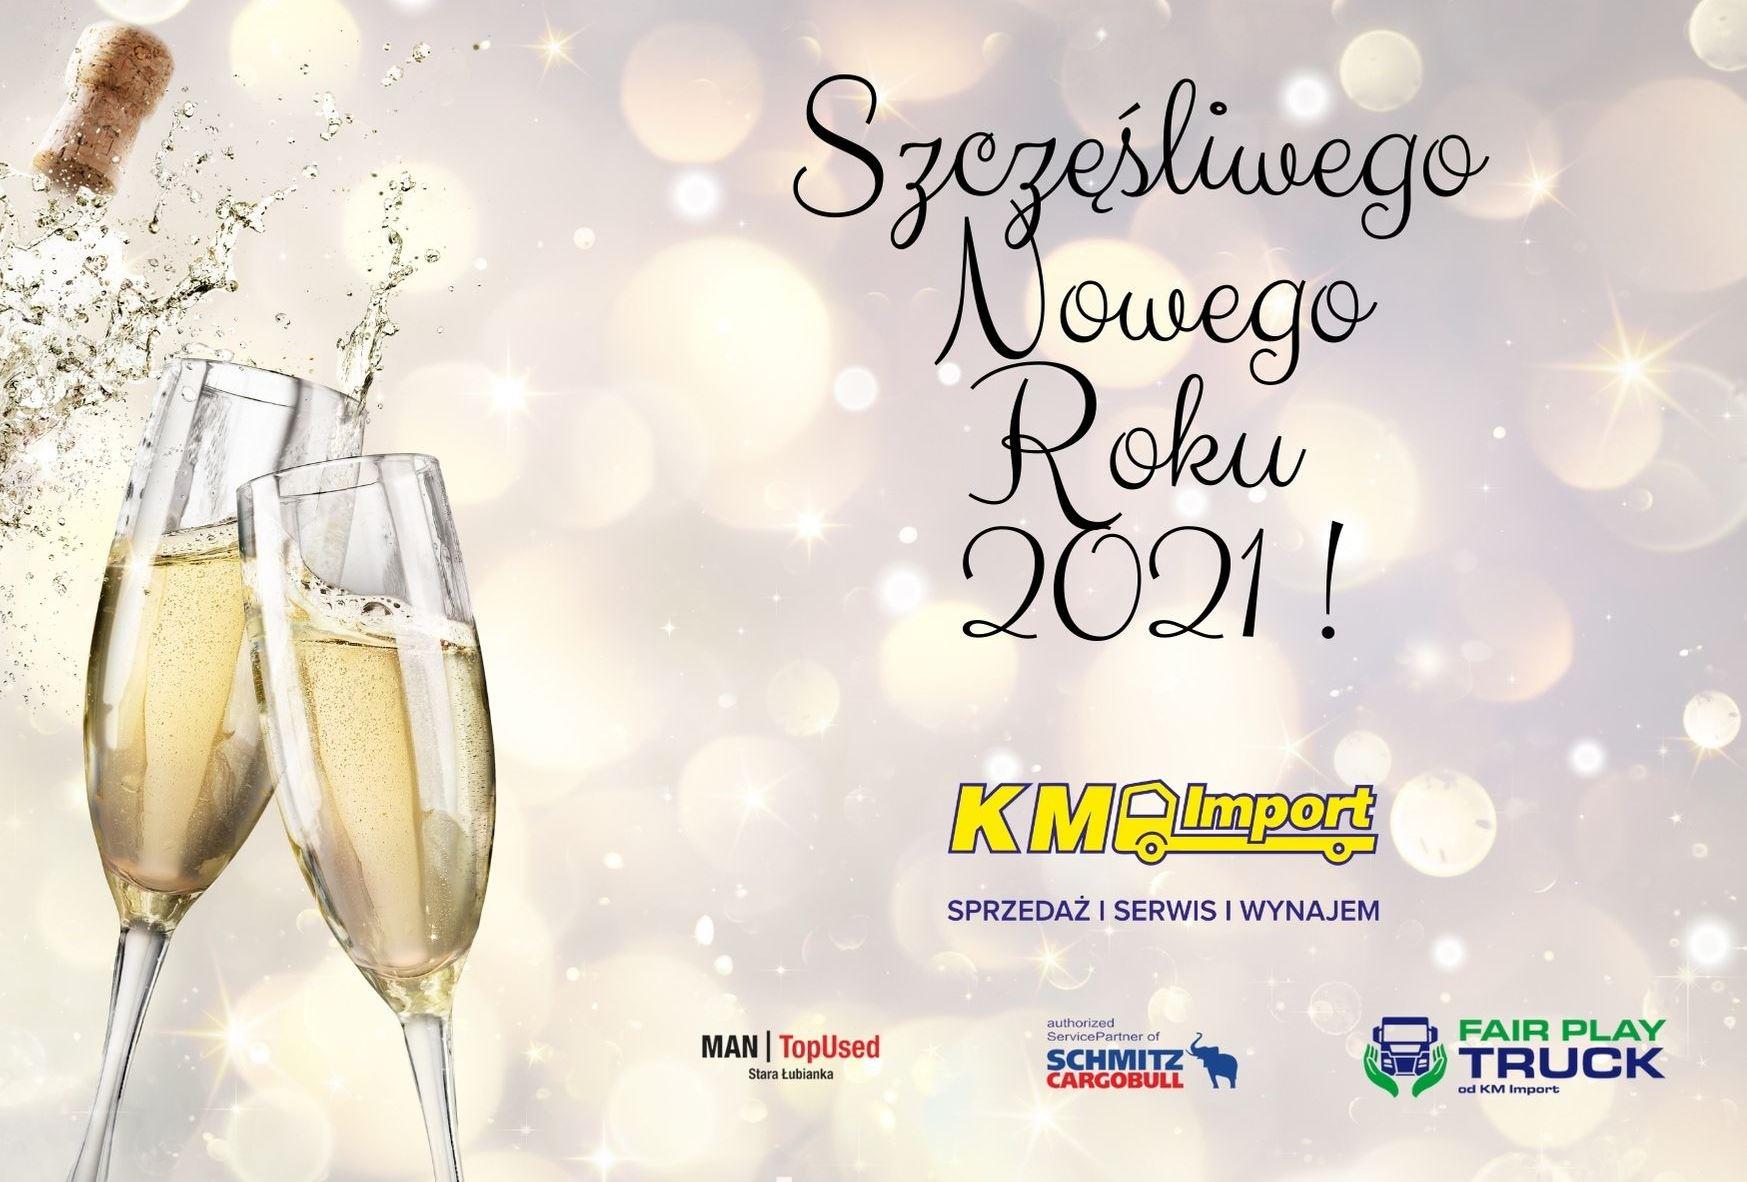 Szczęśliwego Nowego Roku! - KM Import